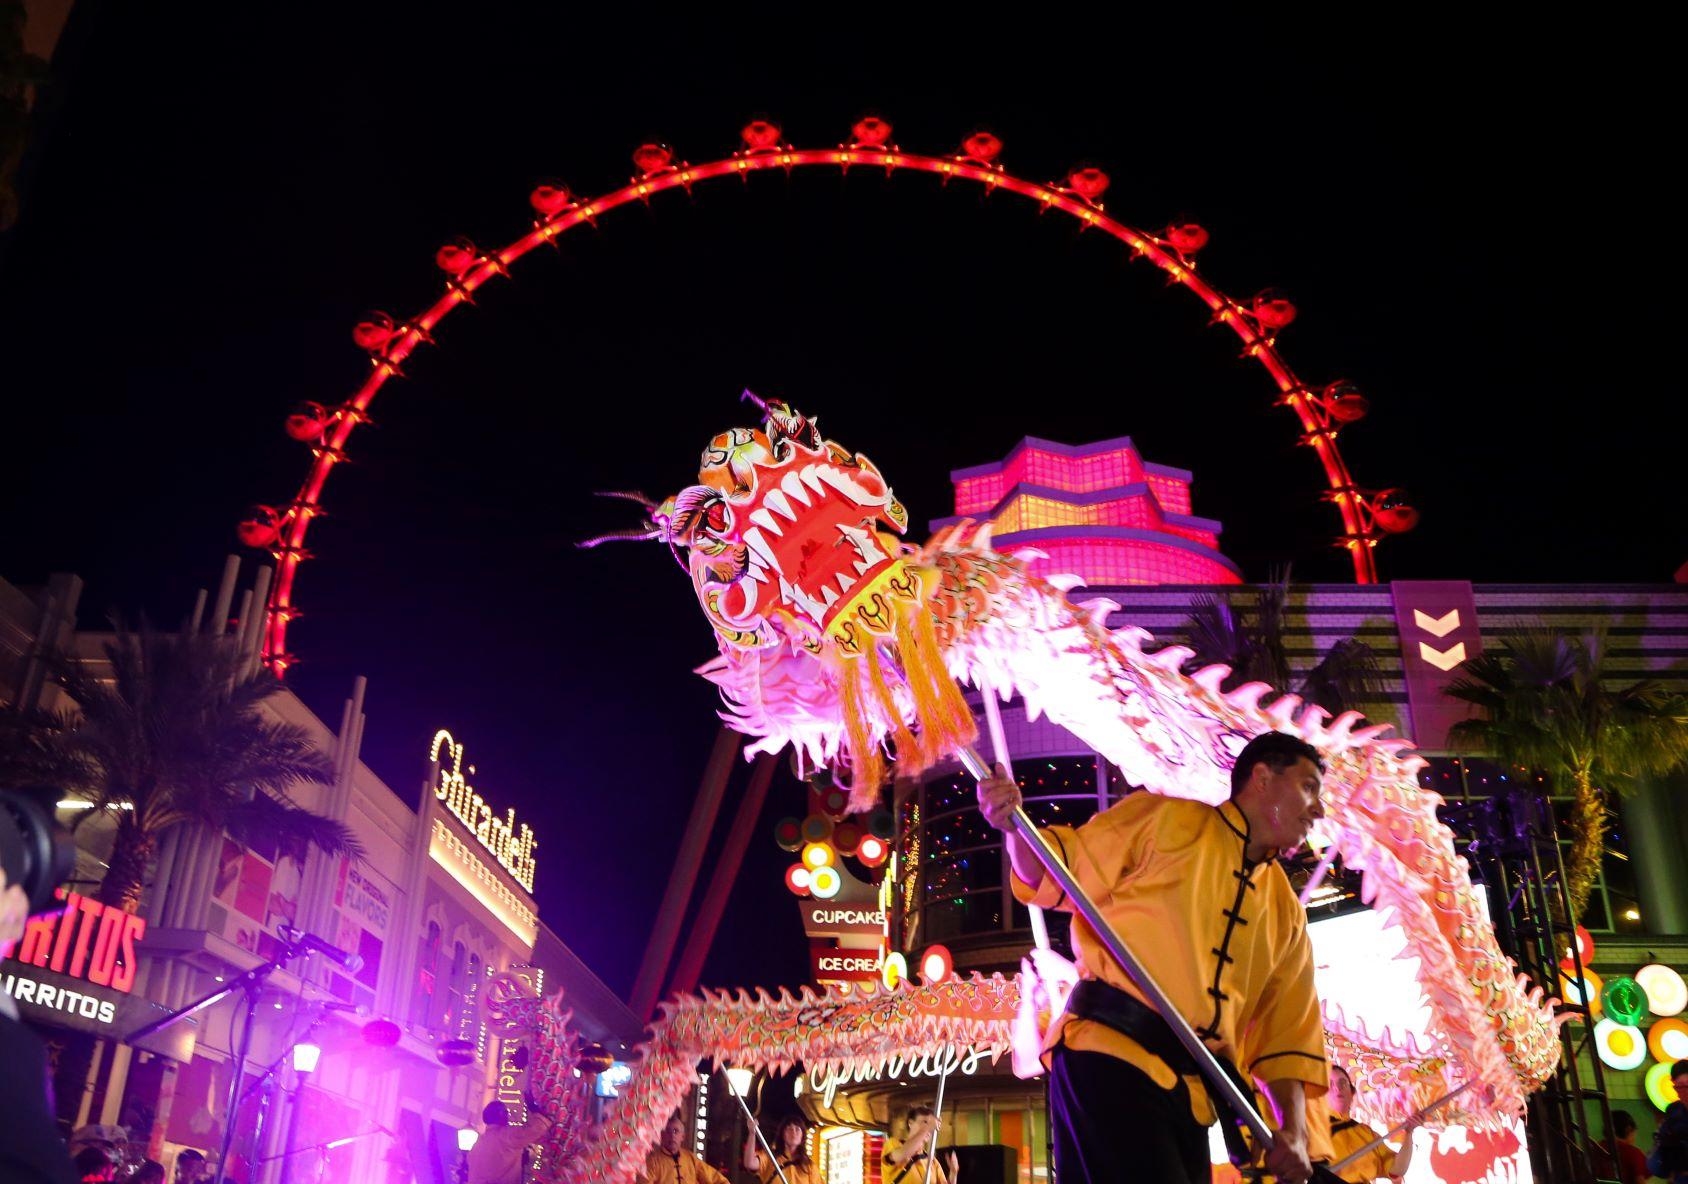 凯撒娱乐喜迎2019猪年 --举办春节庆典及舞狮活动